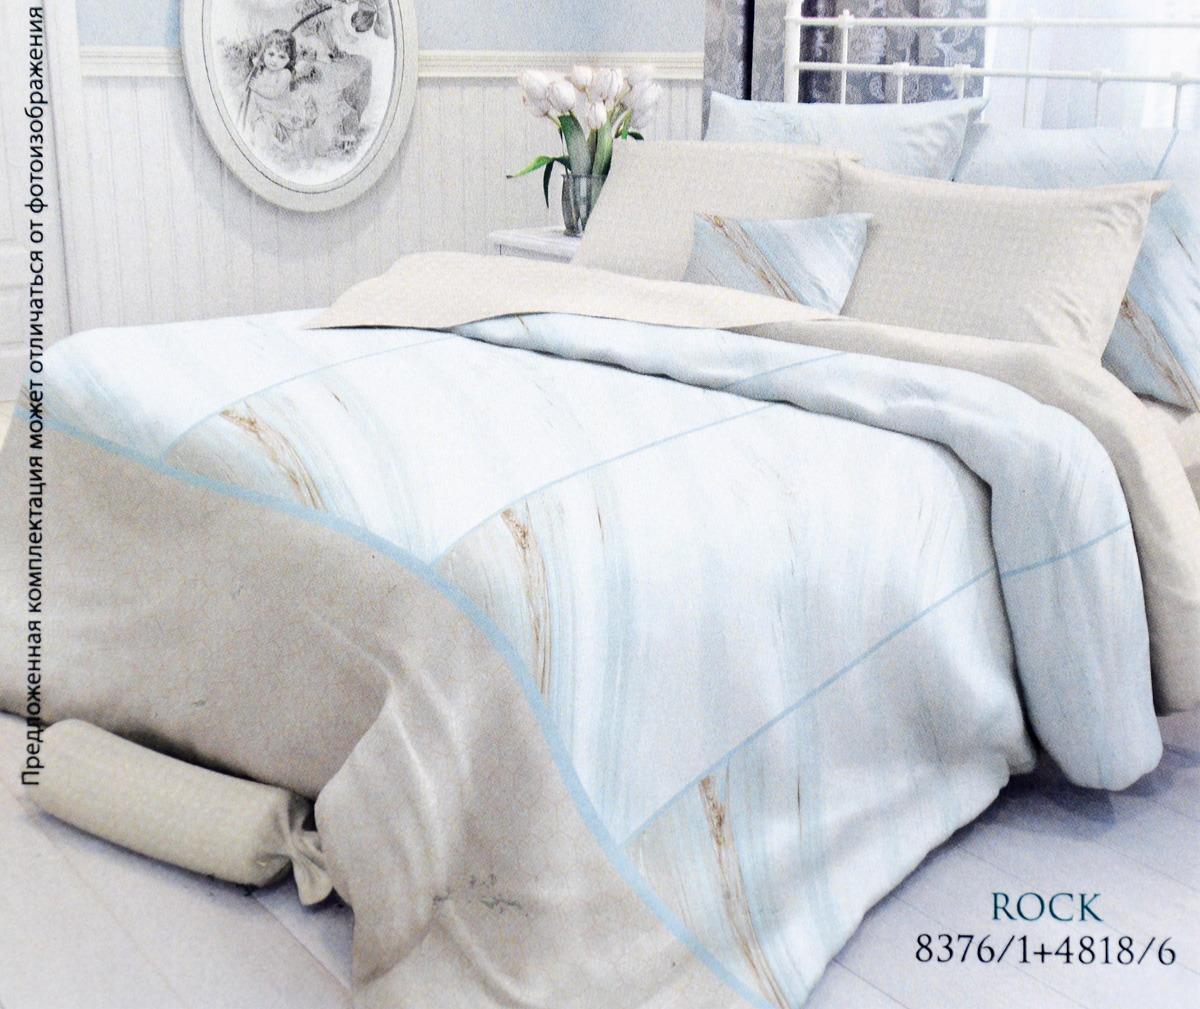 Комплект белья Verossa Rock, 1,5-спальный, наволочки 70x70 комплект белья verossa gray 2 спальный наволочки 70x70